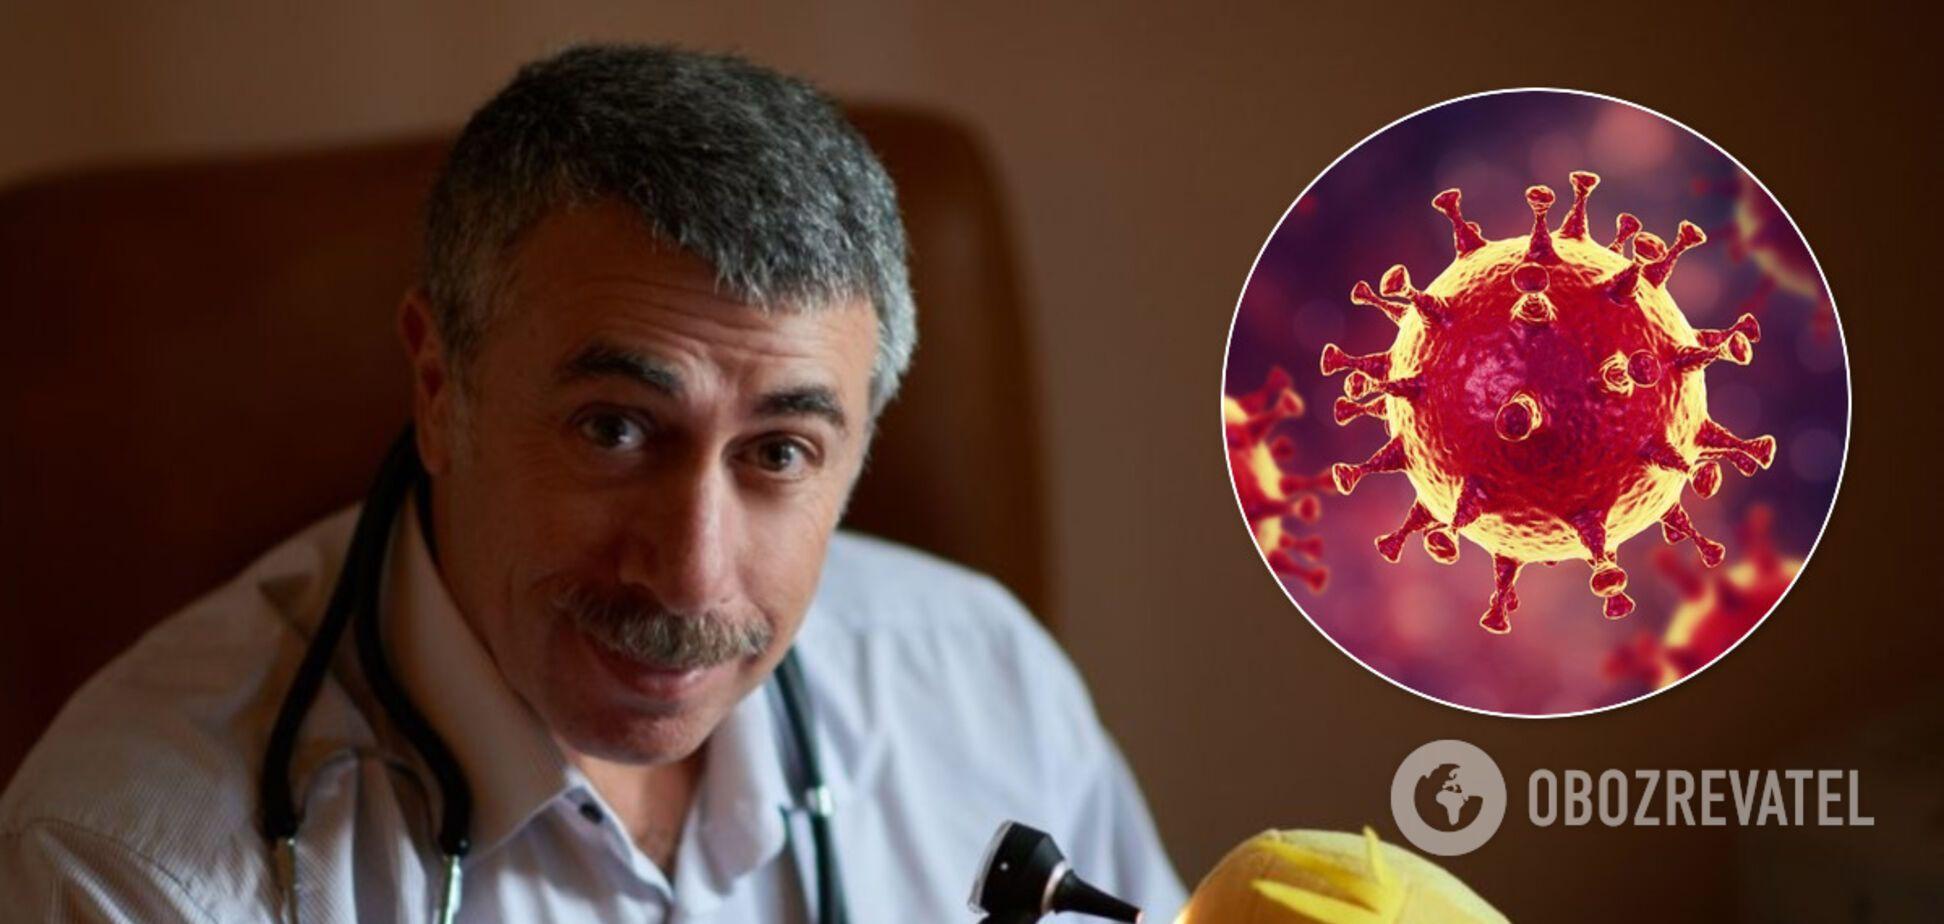 Комаровский назвал срок возвращения к нормальной жизни после пандемии коронавируса. Иллюстрация